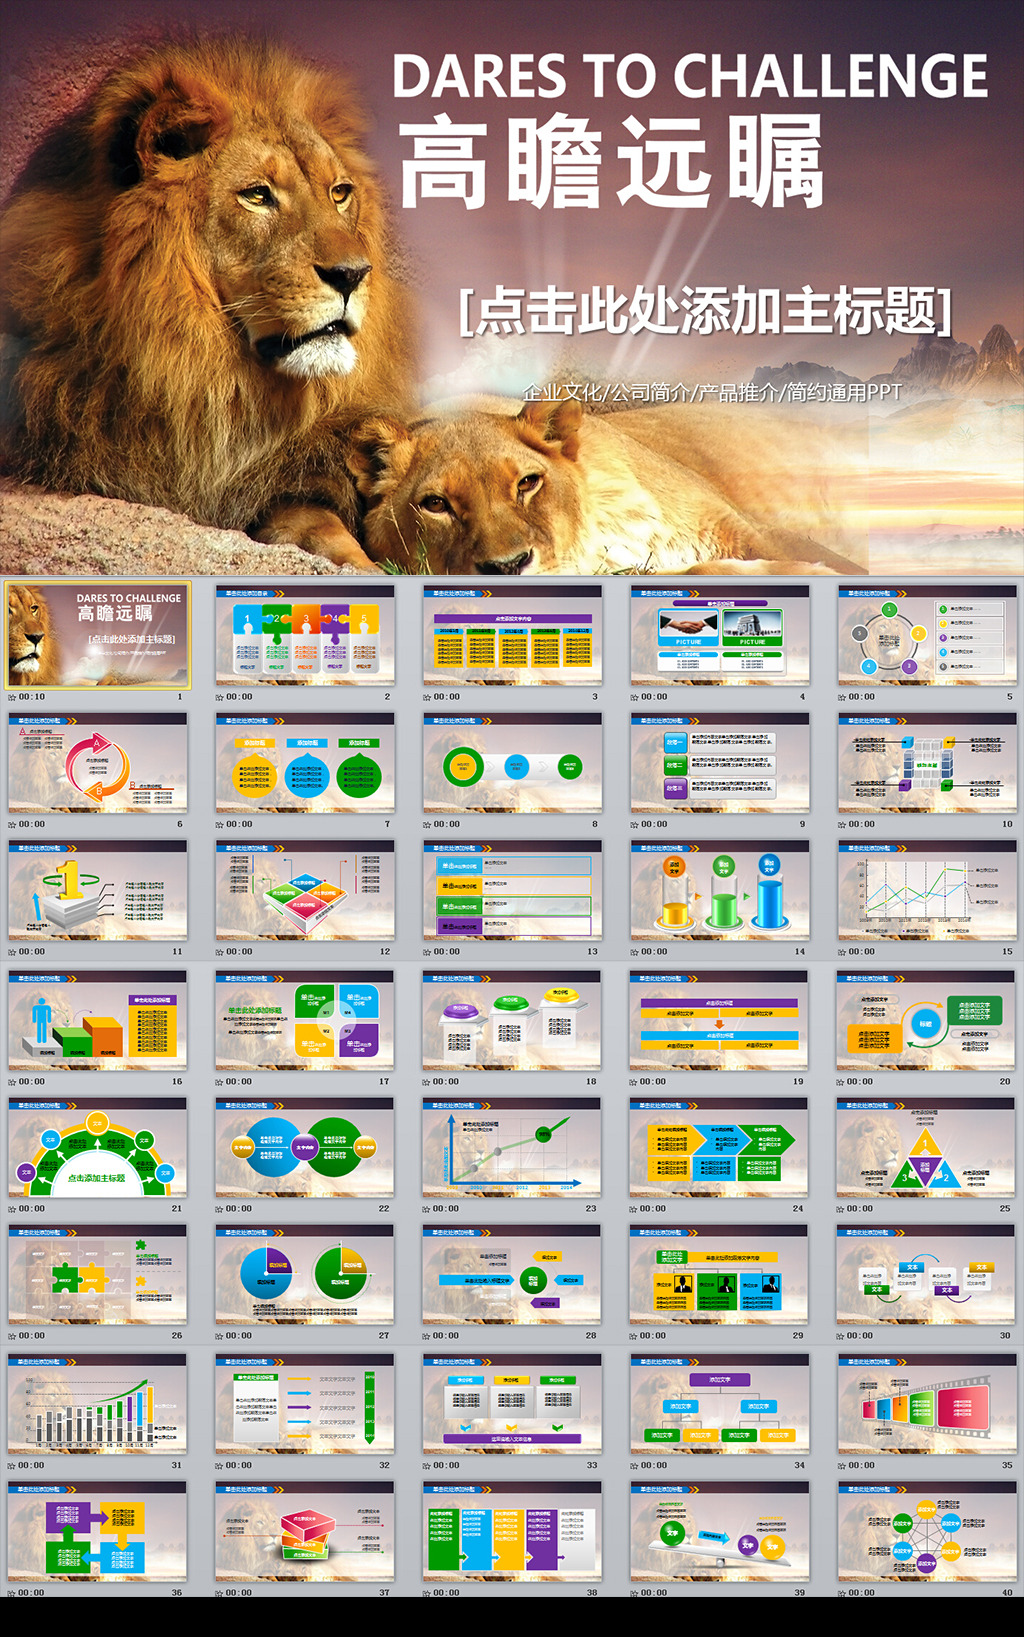 企业文化企业宣传公司简介动态ppt模板模板下载(图片